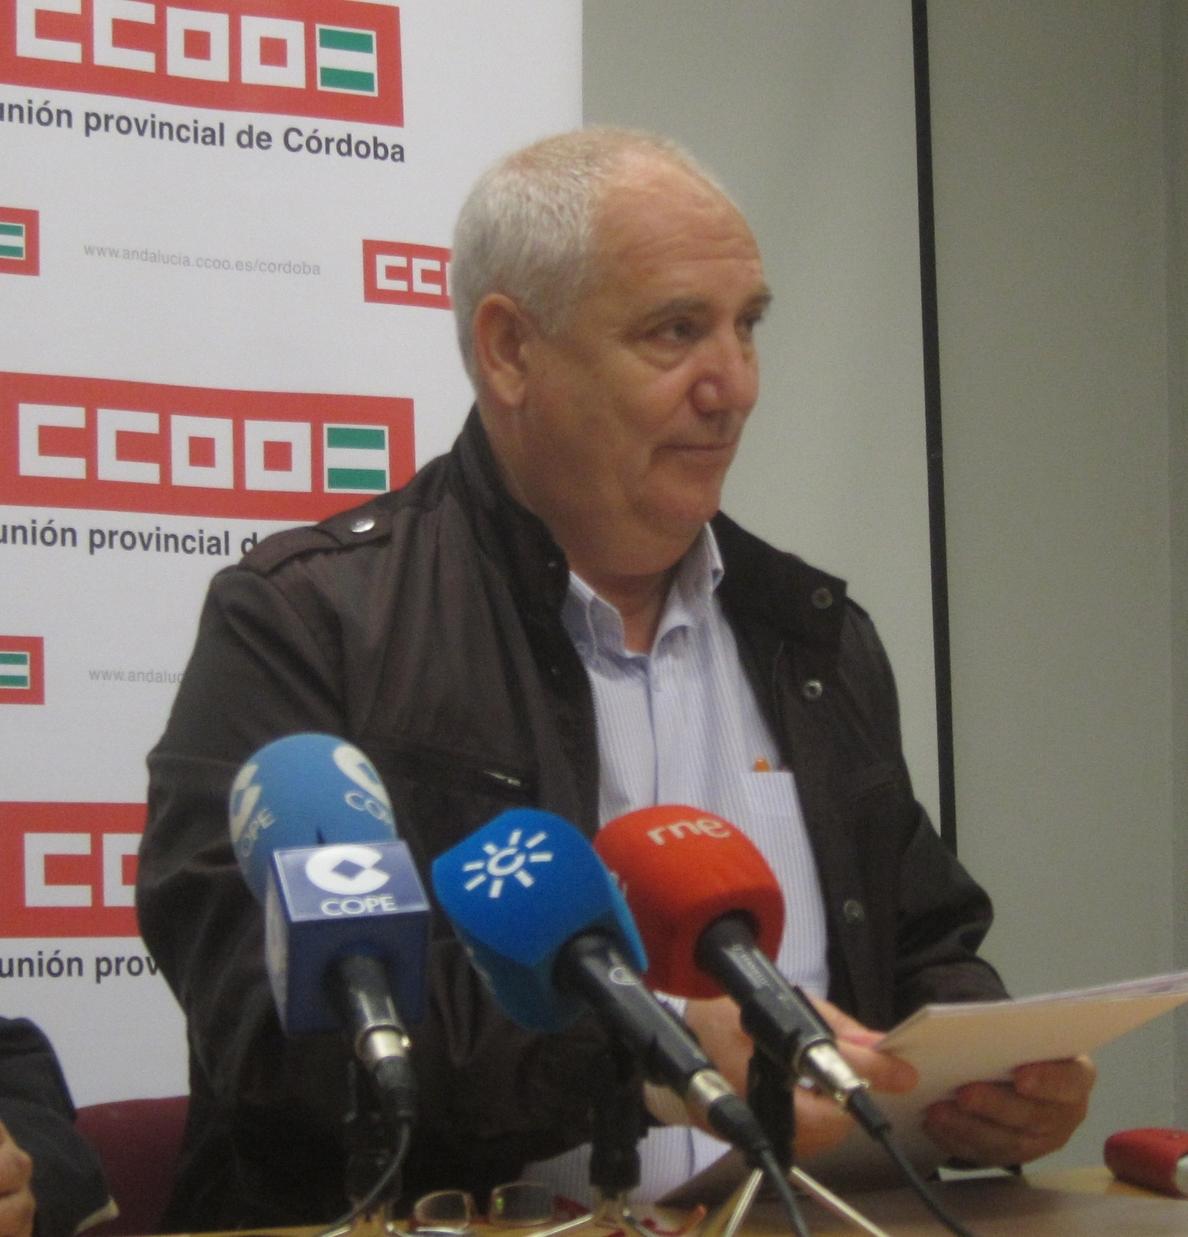 Carbonero lamenta que Deoleo «se la van a llevar otros» porque «no hay nadie» que apueste porque siga siendo española